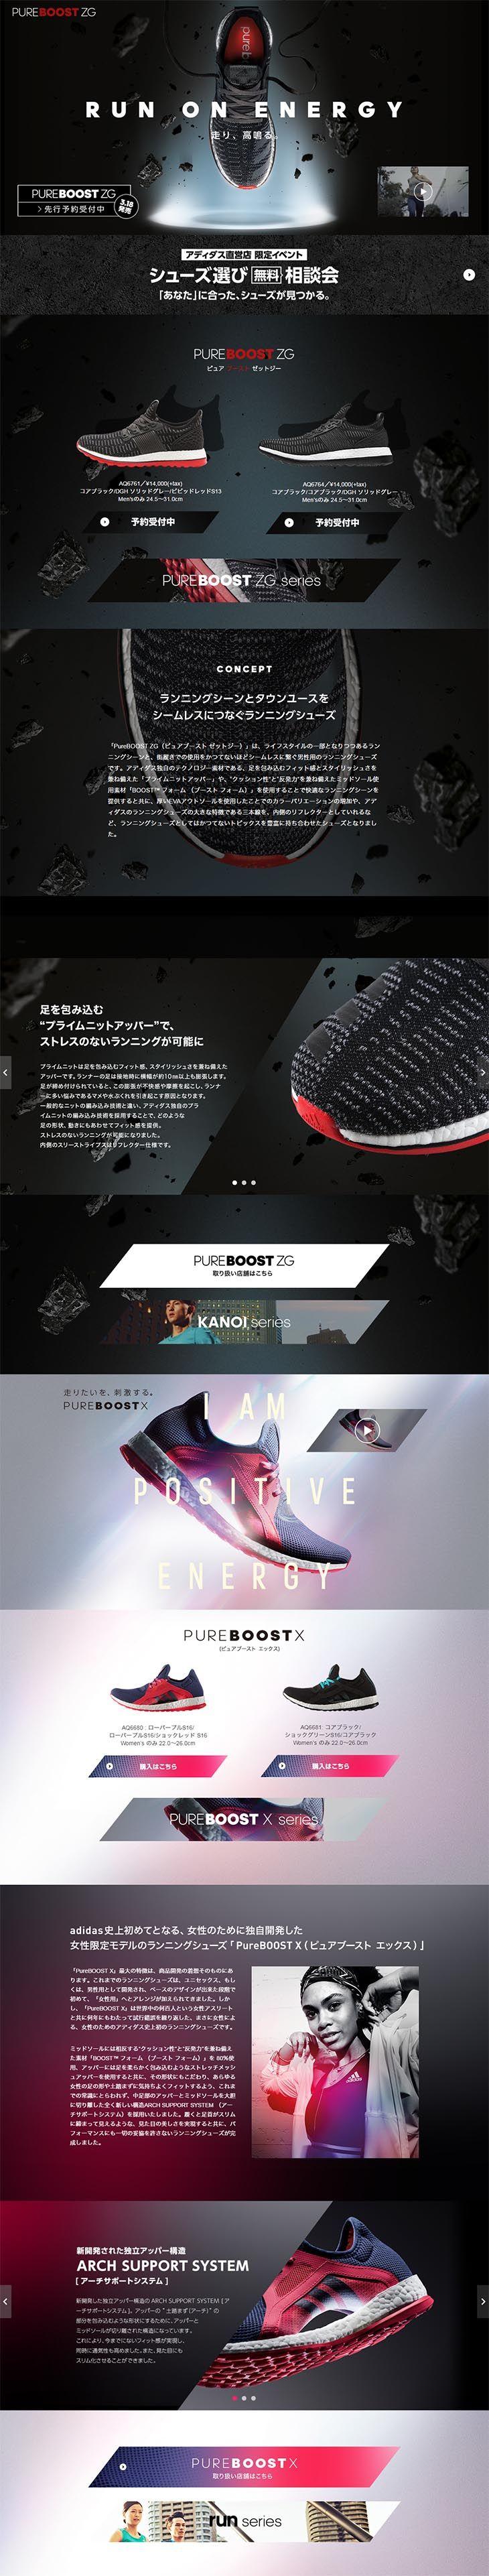 PURE BOOTS ZG【スポーツ関連】のLPデザイン。WEBデザイナーさん